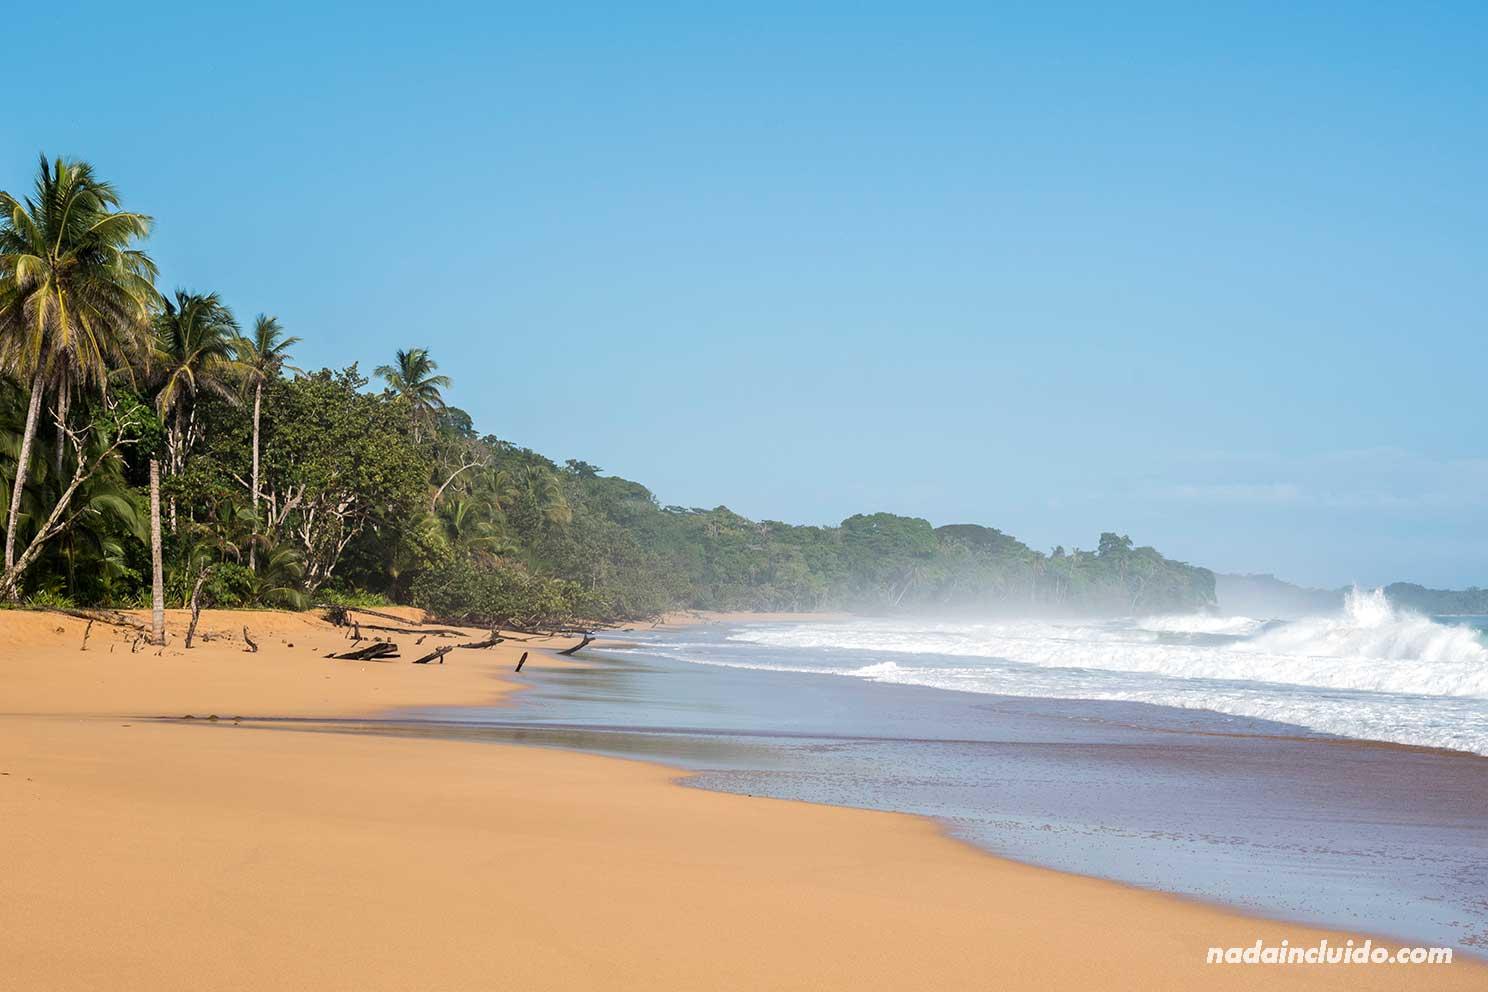 Playa Bluff, en isla Colón (Bocas del Toro, Panamá)